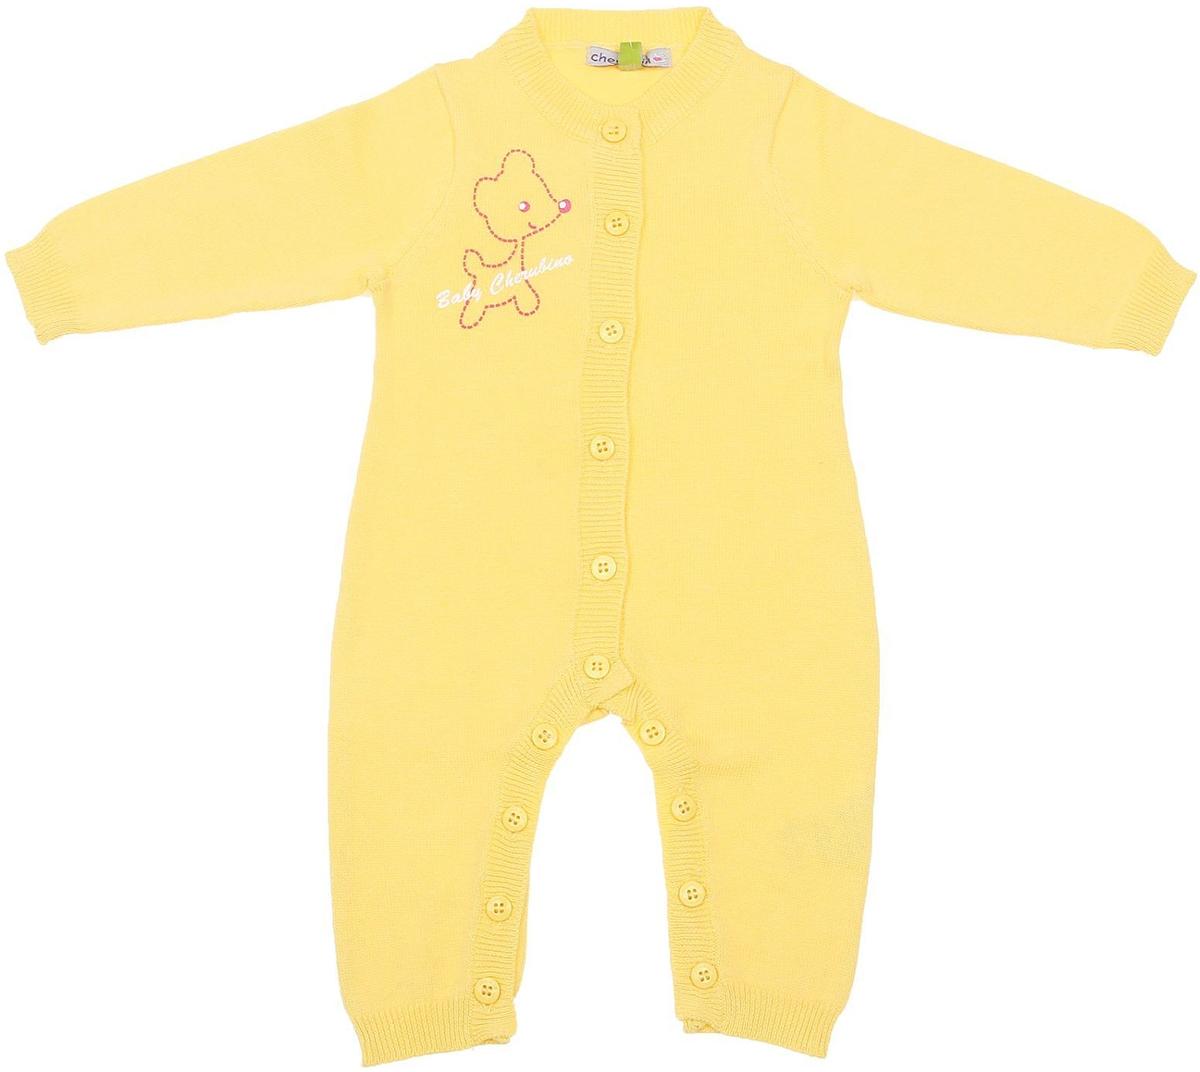 Комбинезон для девочки Cherubino, цвет: желтый. CN 4W001. Размер 80CN 4W001Комбинезон вязаный для девочки Cherubino изготовлен из мягкой хлопковой пряжи, благодаря чему он необычайно мягкий и приятный на ощупь, не раздражает нежную кожу ребенка и хорошо вентилируется, а эластичные швы приятны телу малыша и не препятствуют его движениям. Застегивается на пуговицы.